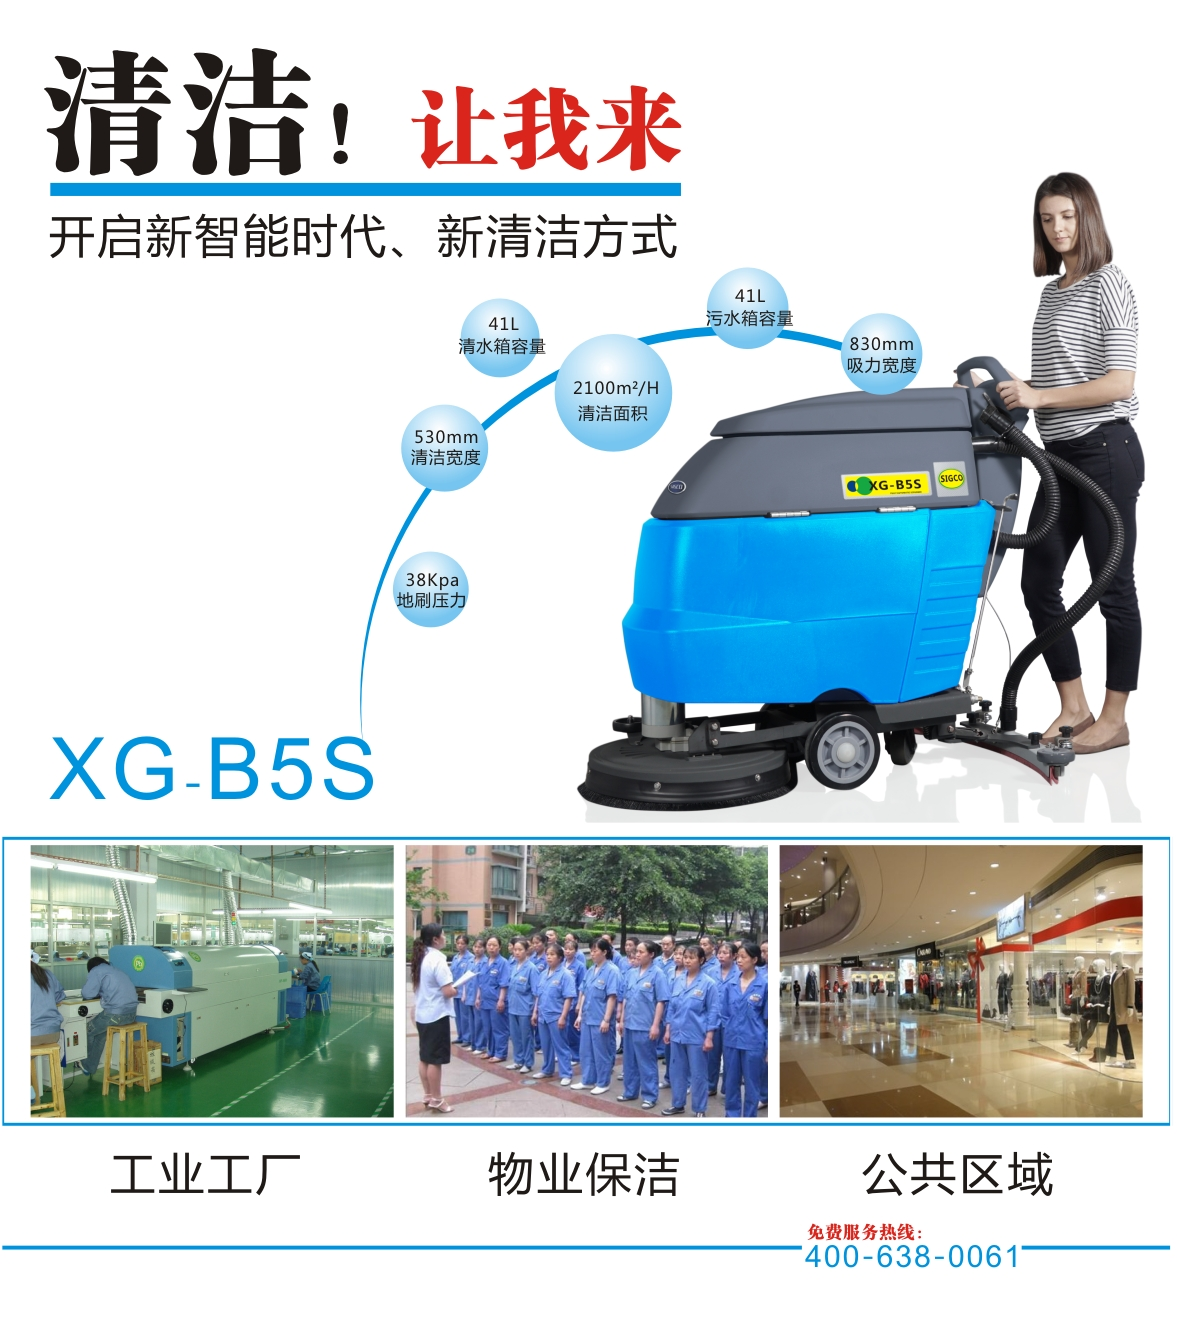 XG-B5S-2.jpg